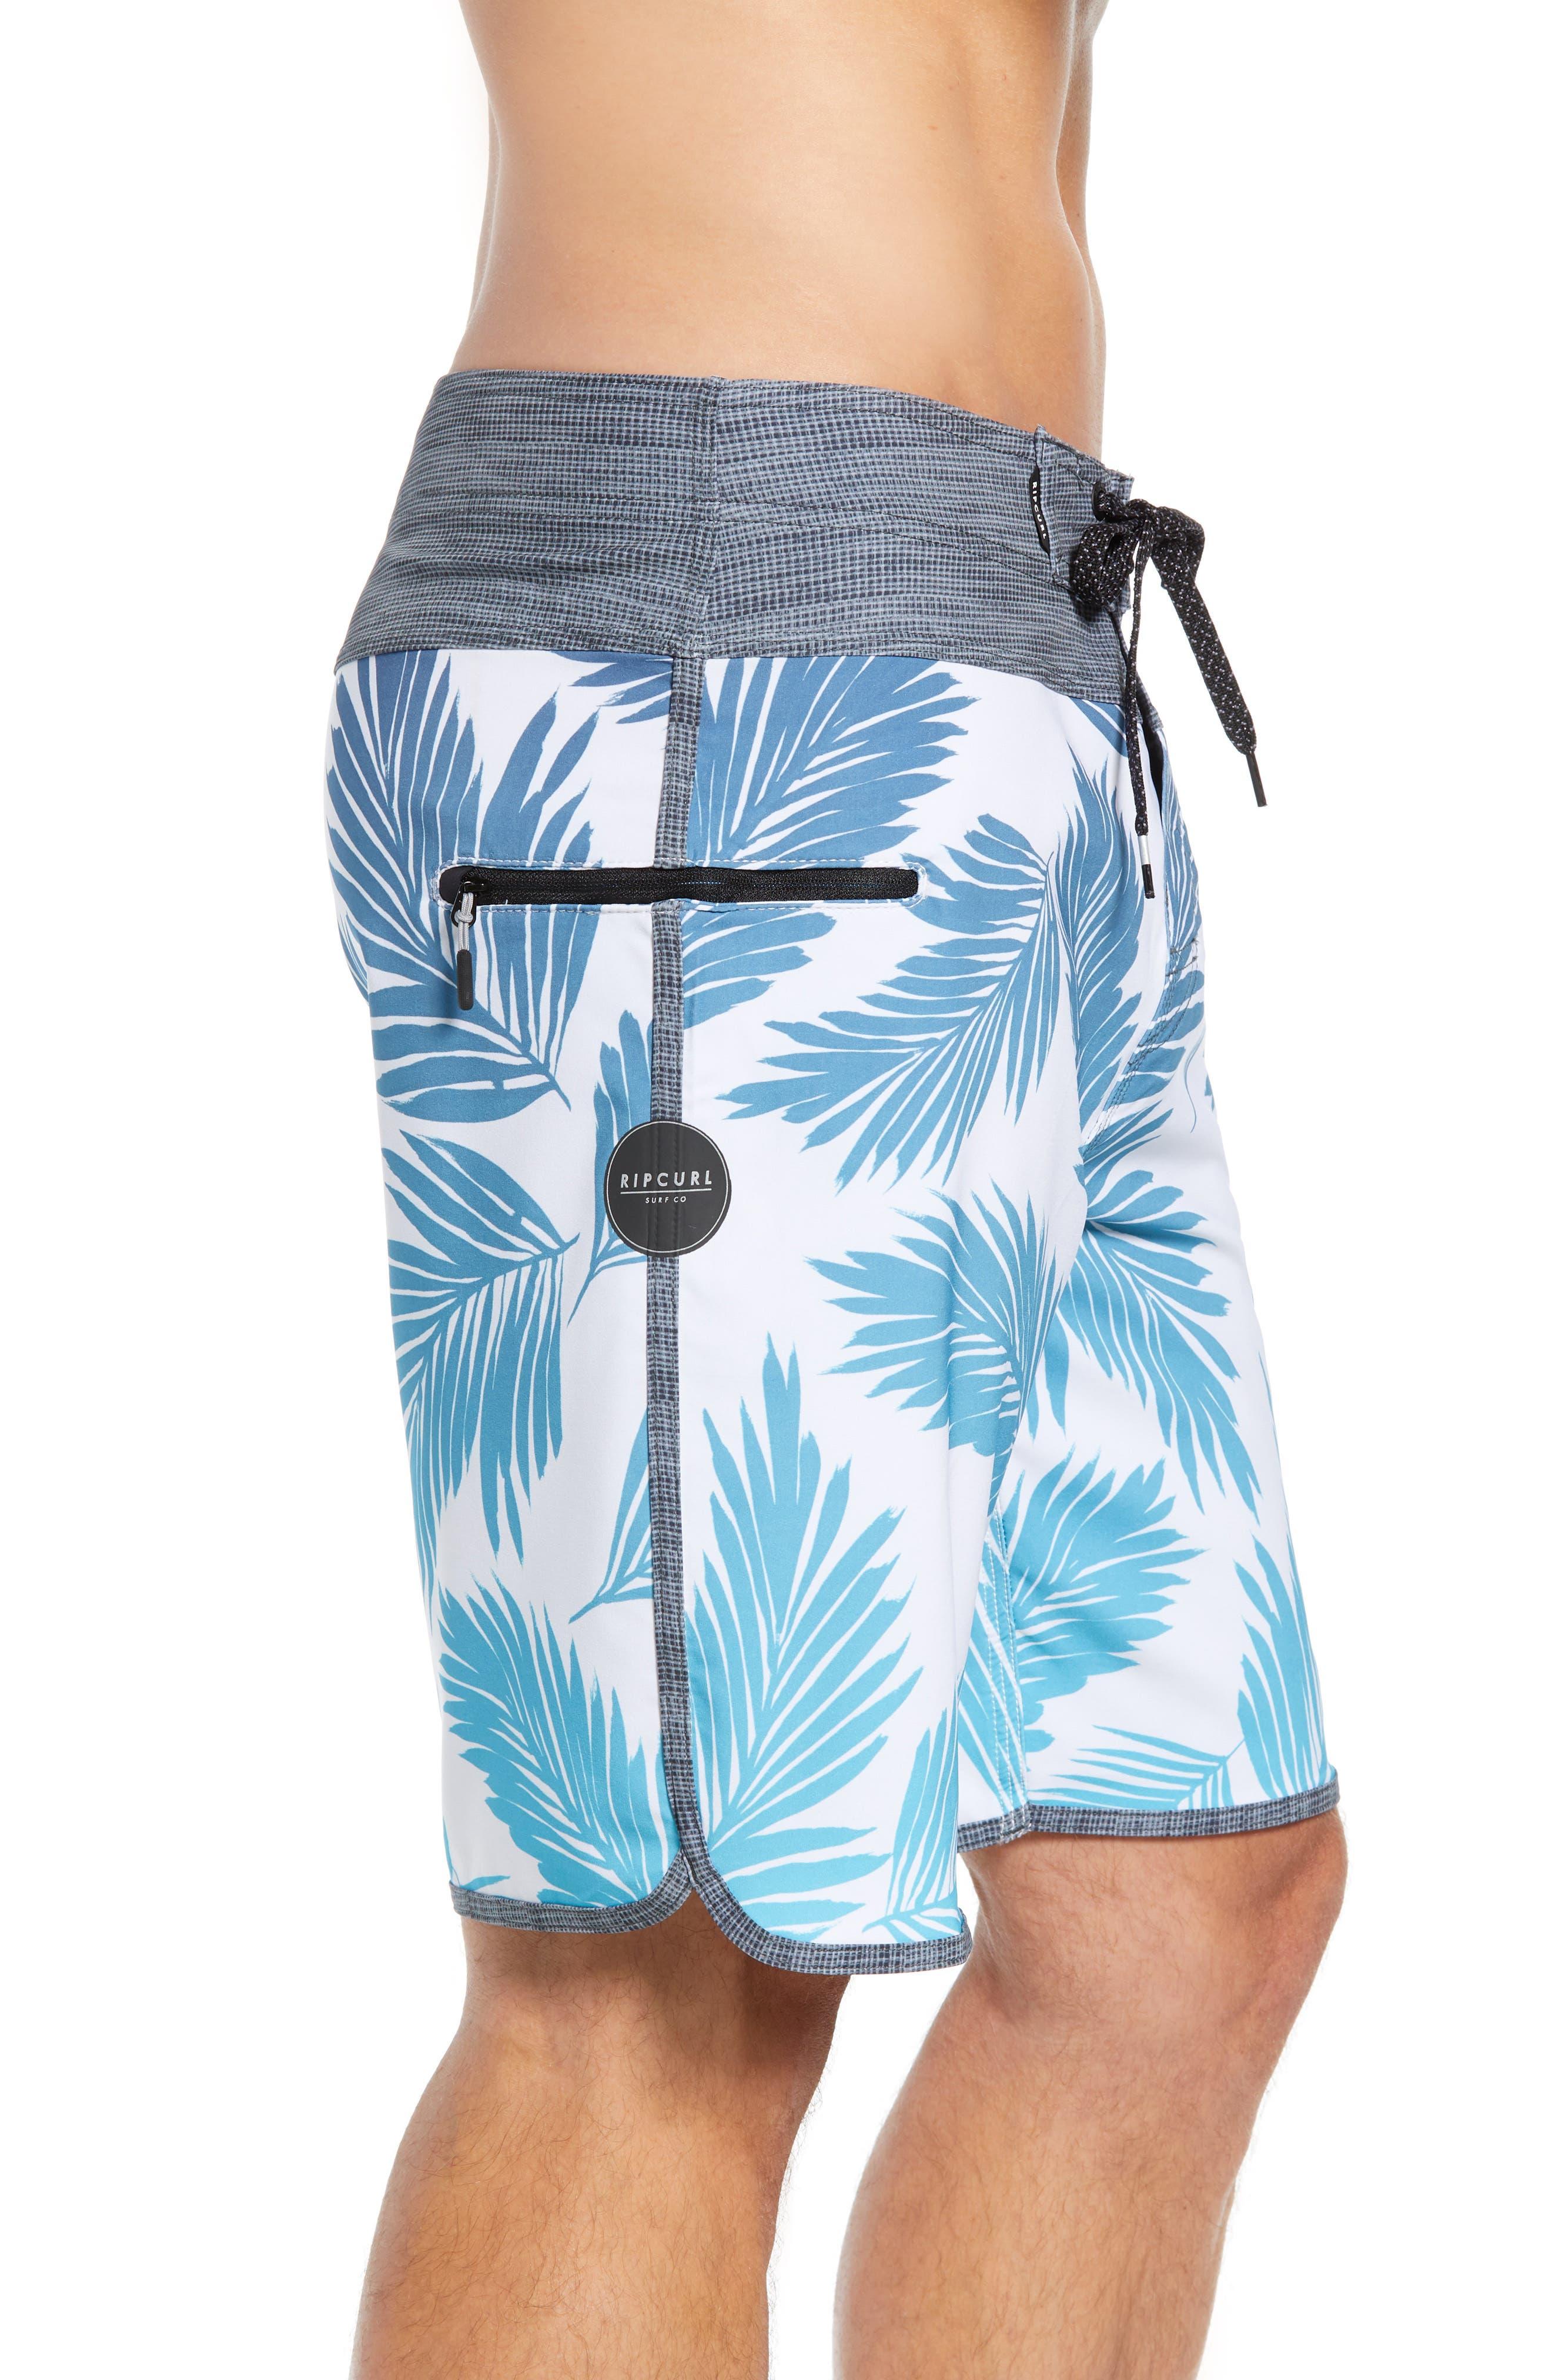 Mirage Mason Rockies Board Shorts,                             Alternate thumbnail 9, color,